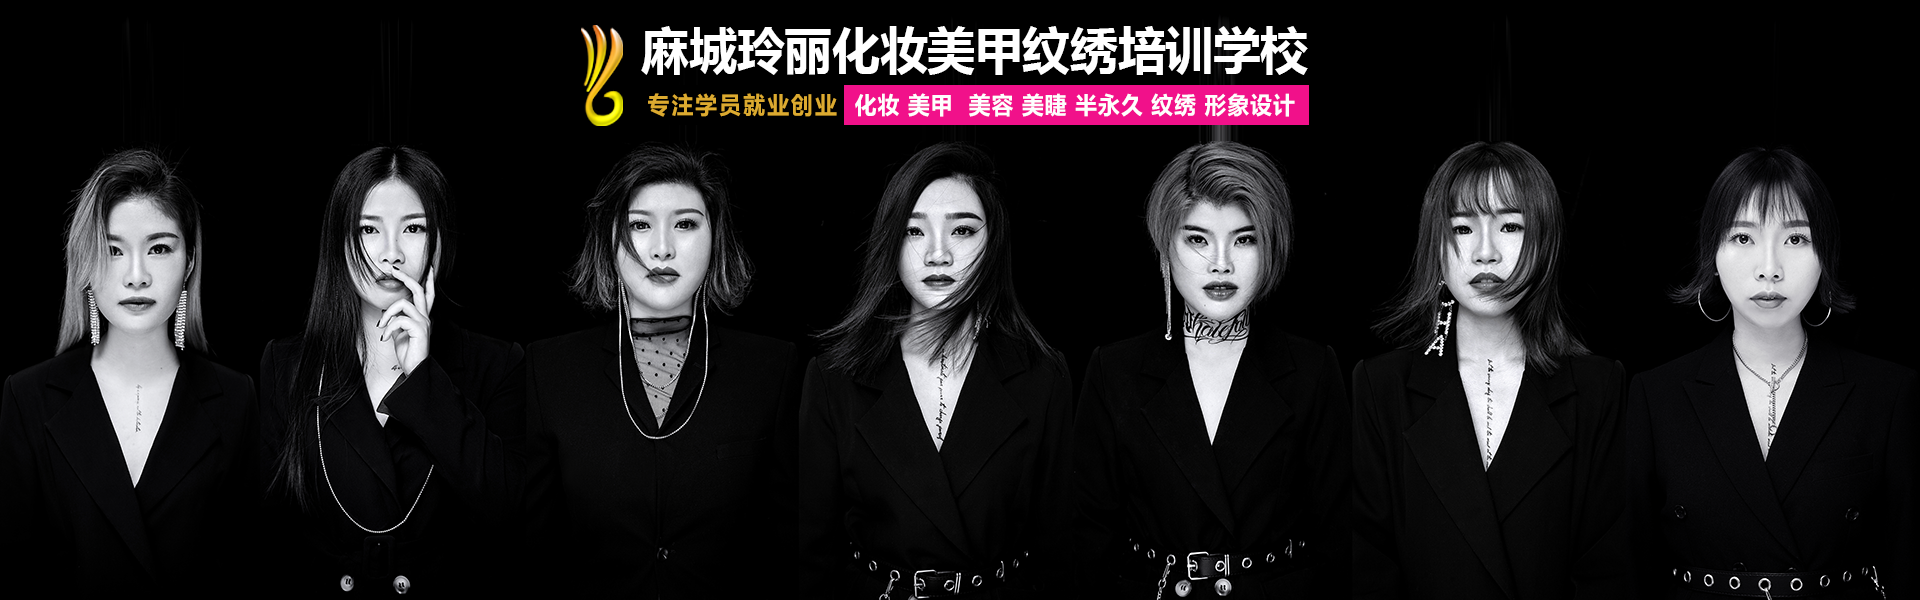 麻城化妆培训